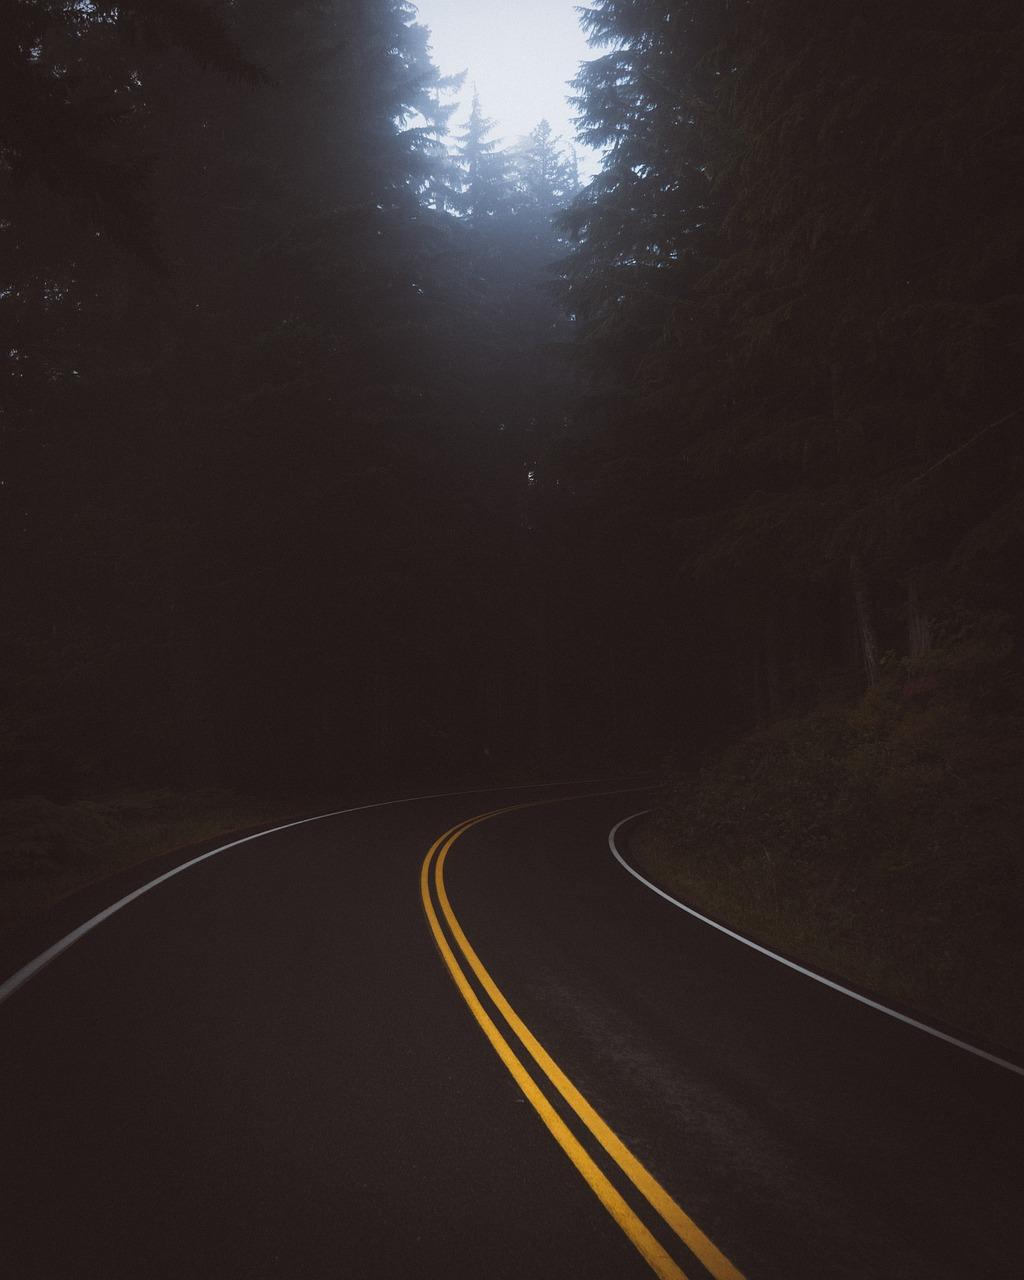 Картинки темная дорога